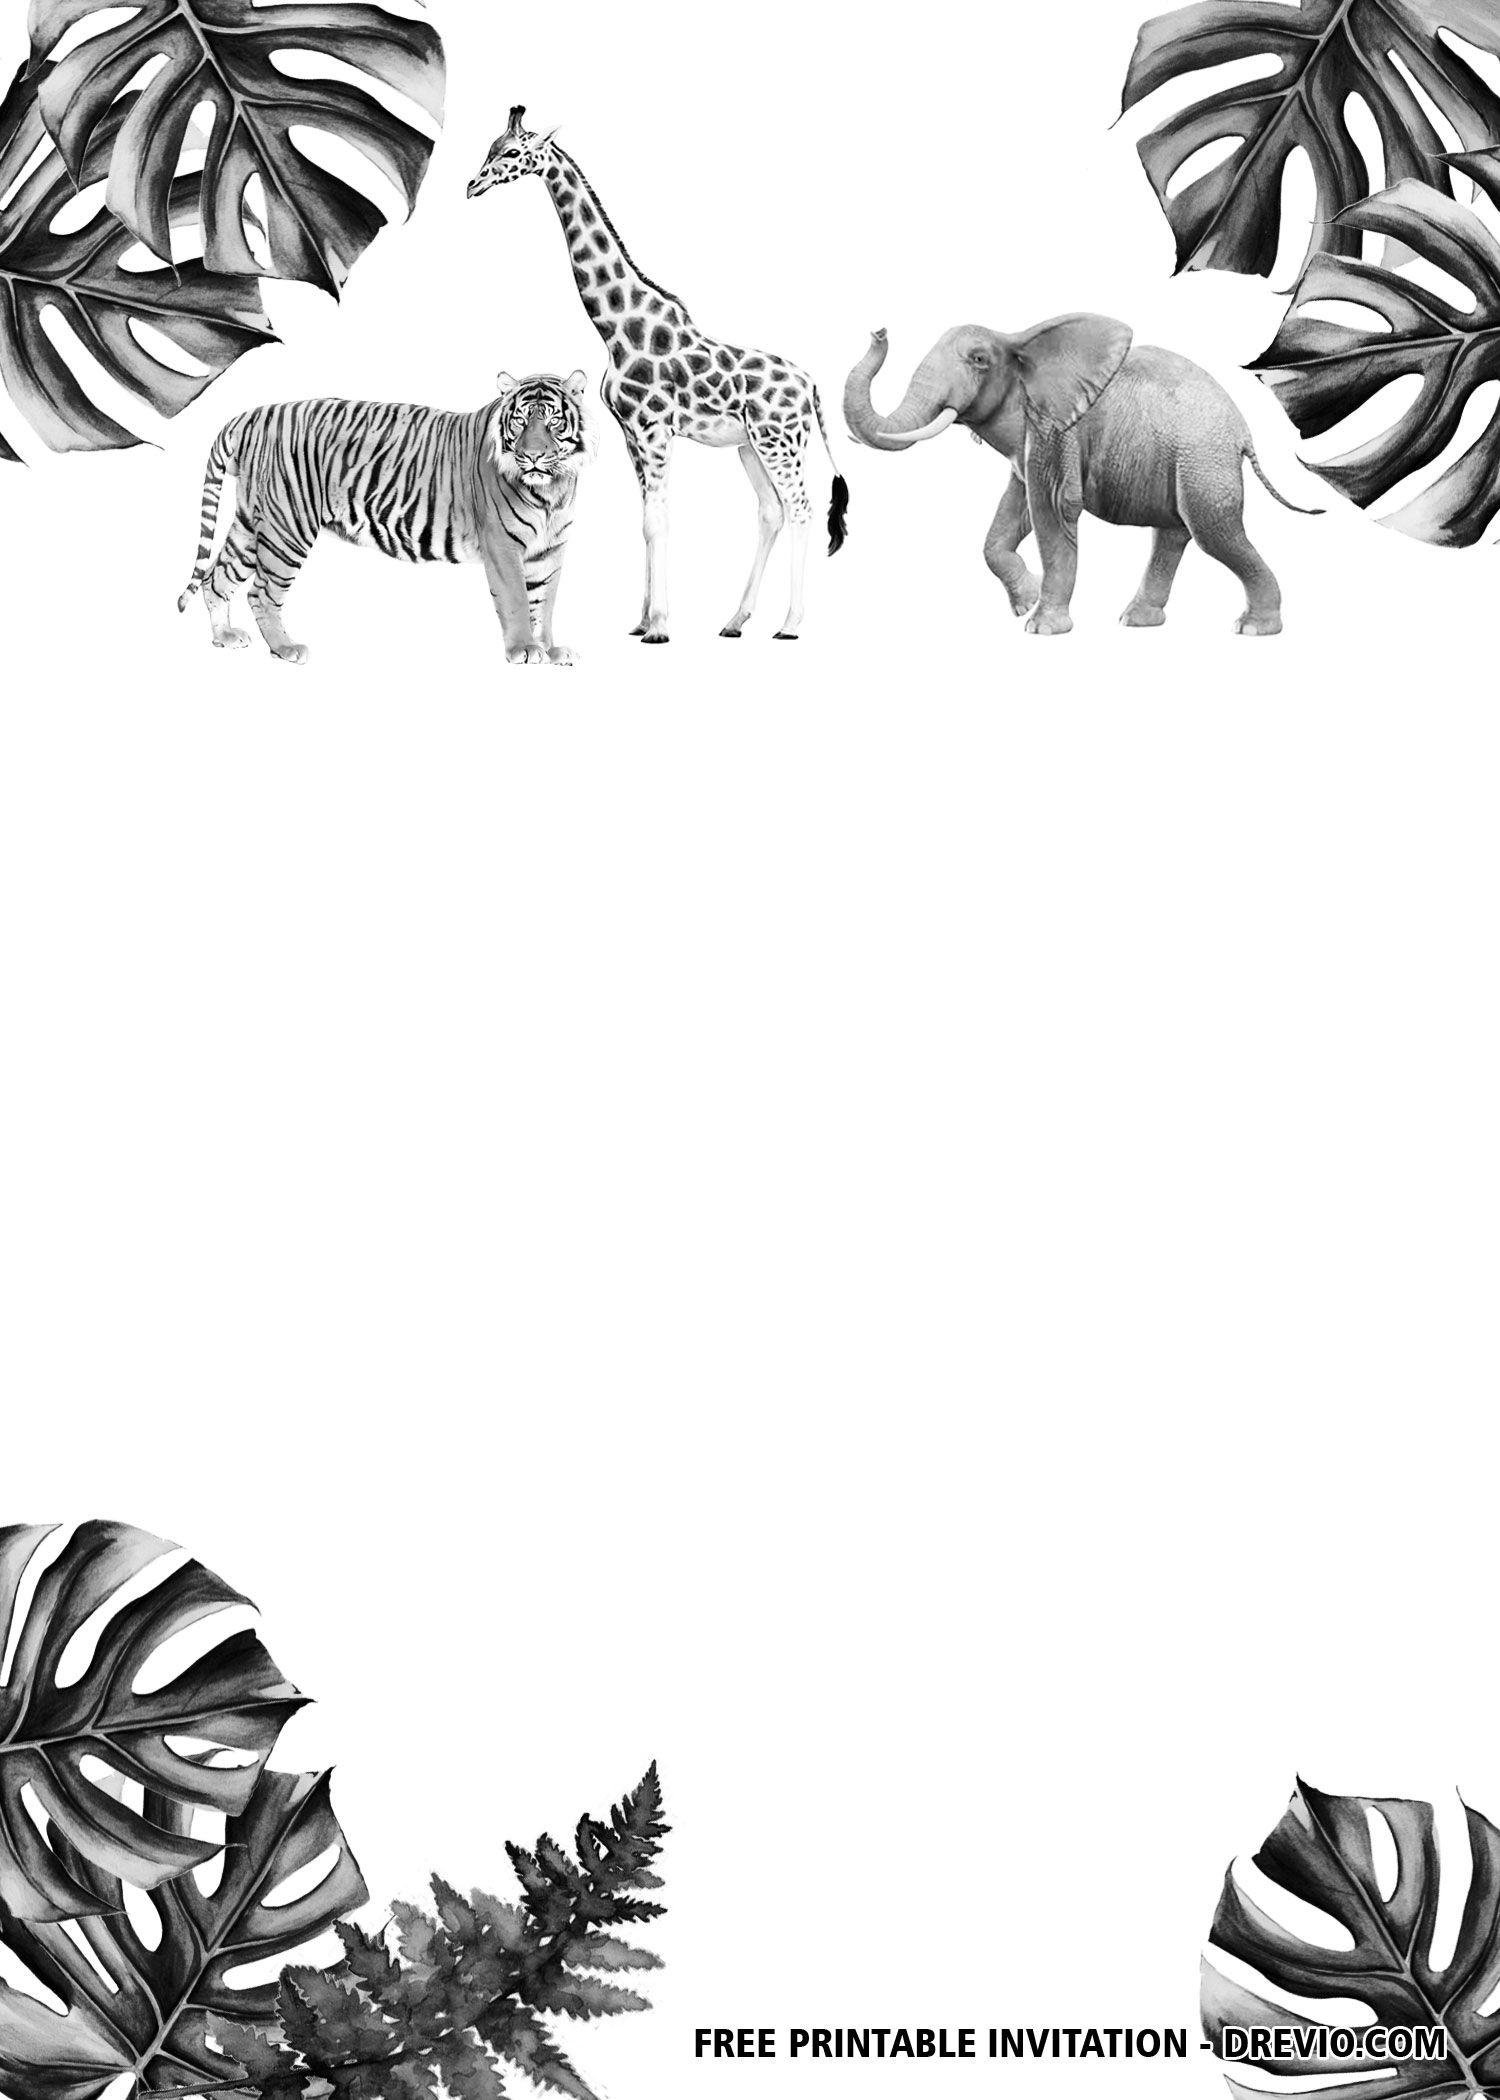 free jungle safari black and white